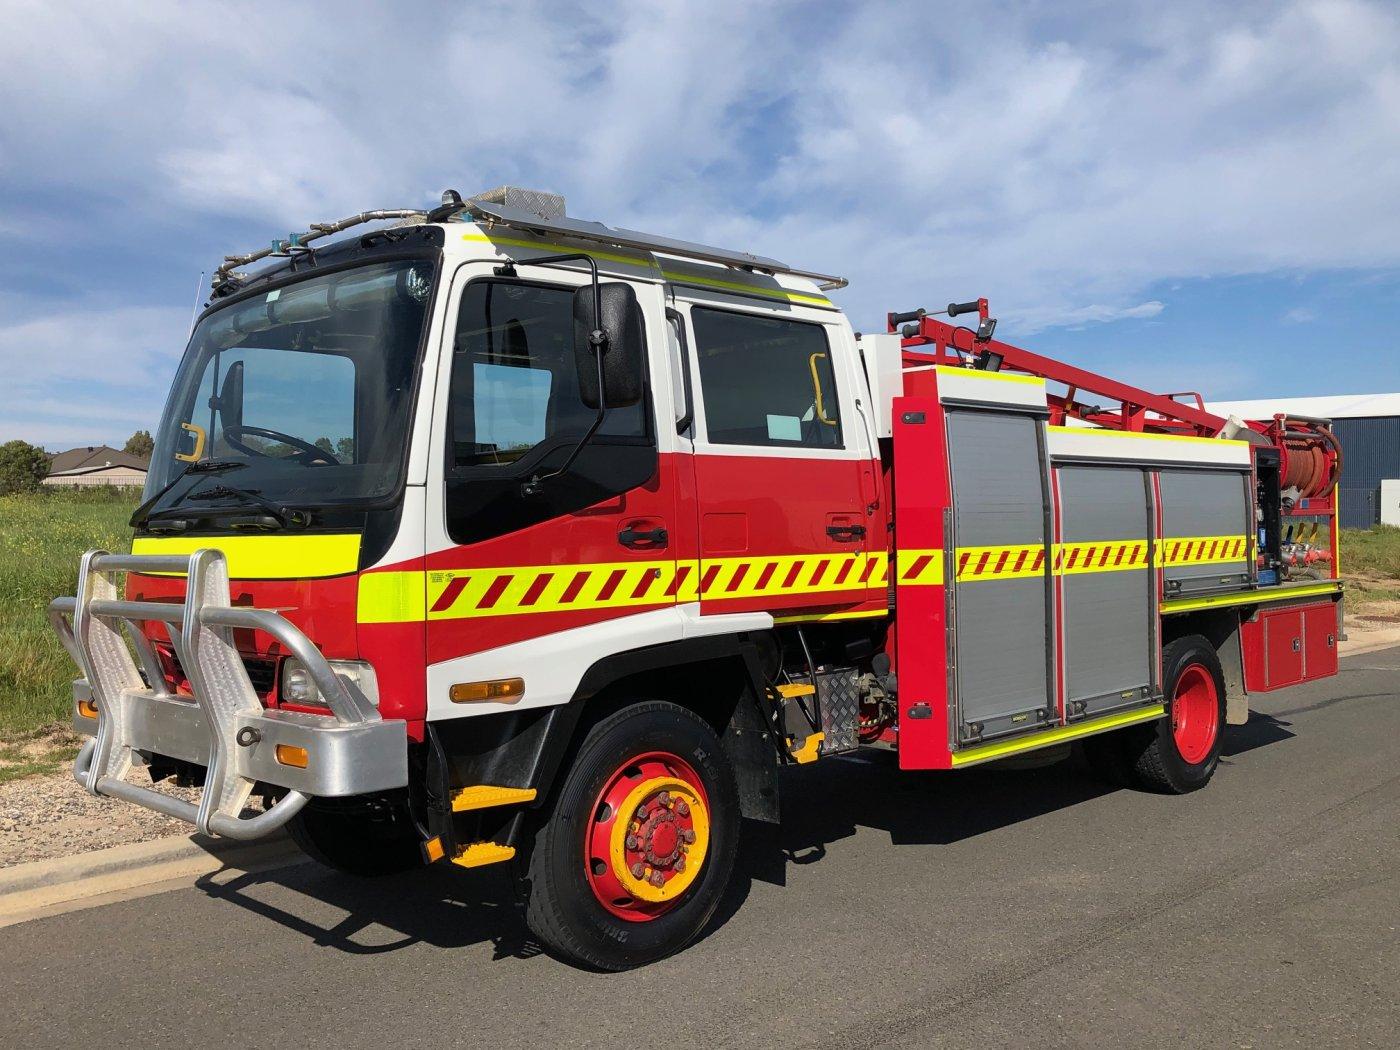 ISUZU 0001 4x4 featured fire truck